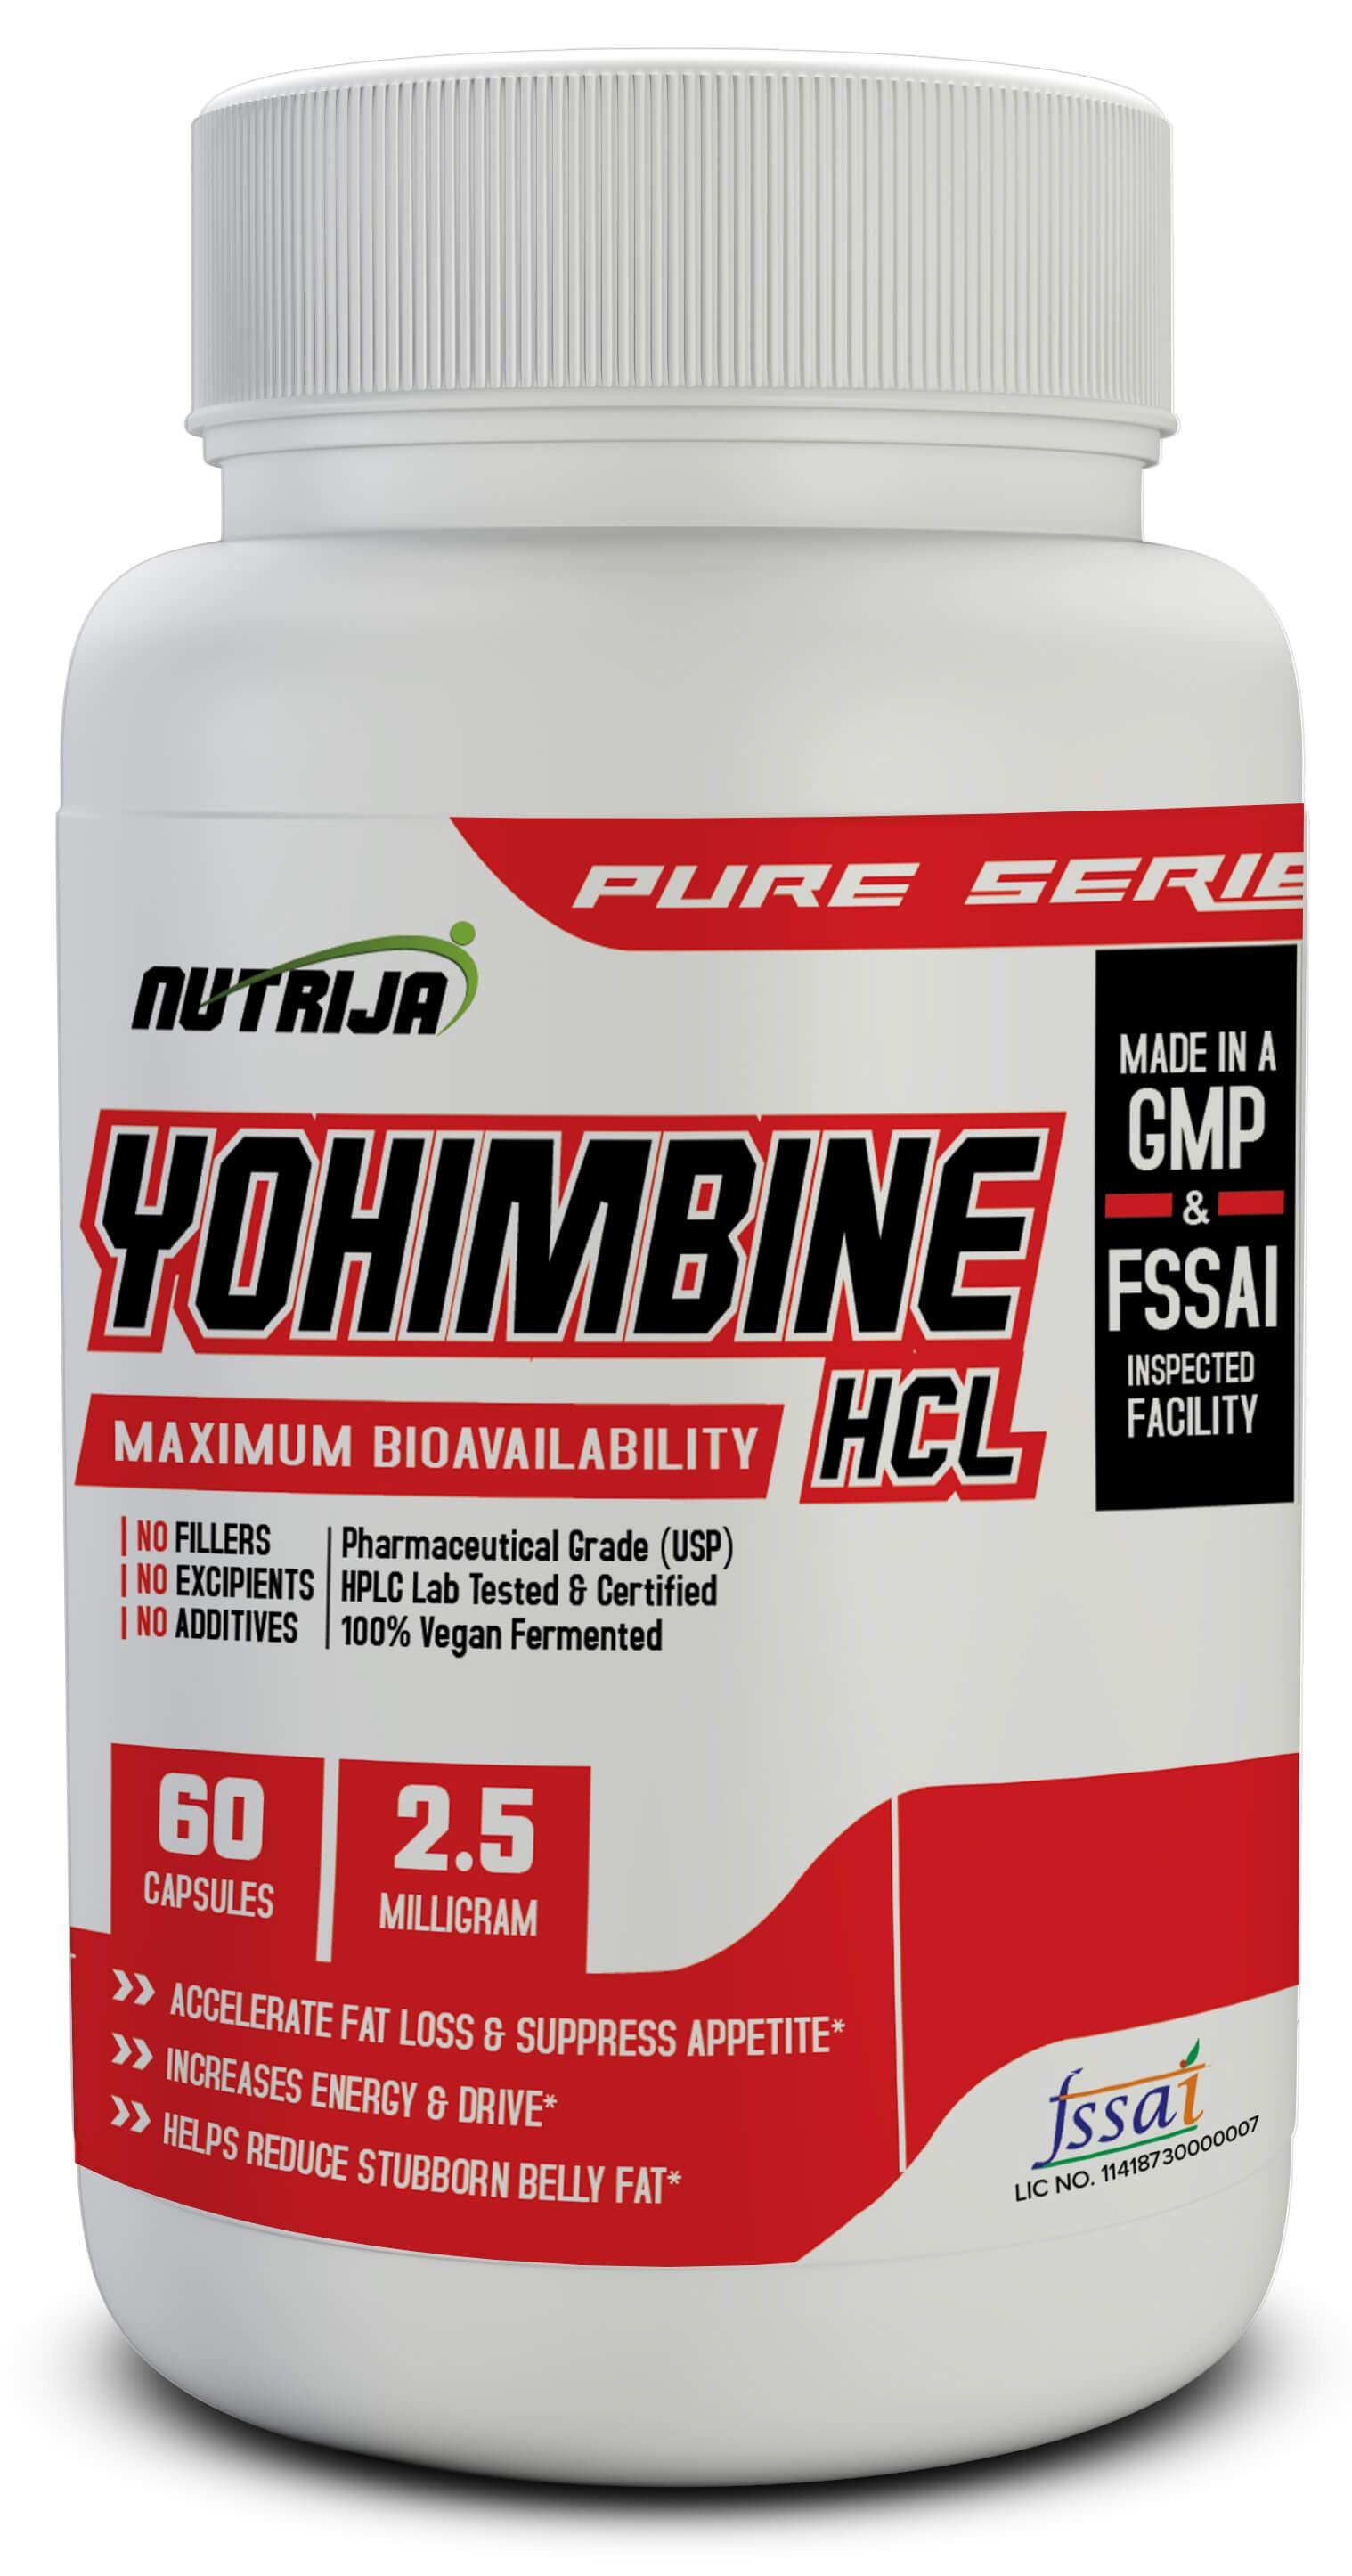 Yohimbine HCL 2 5 MG